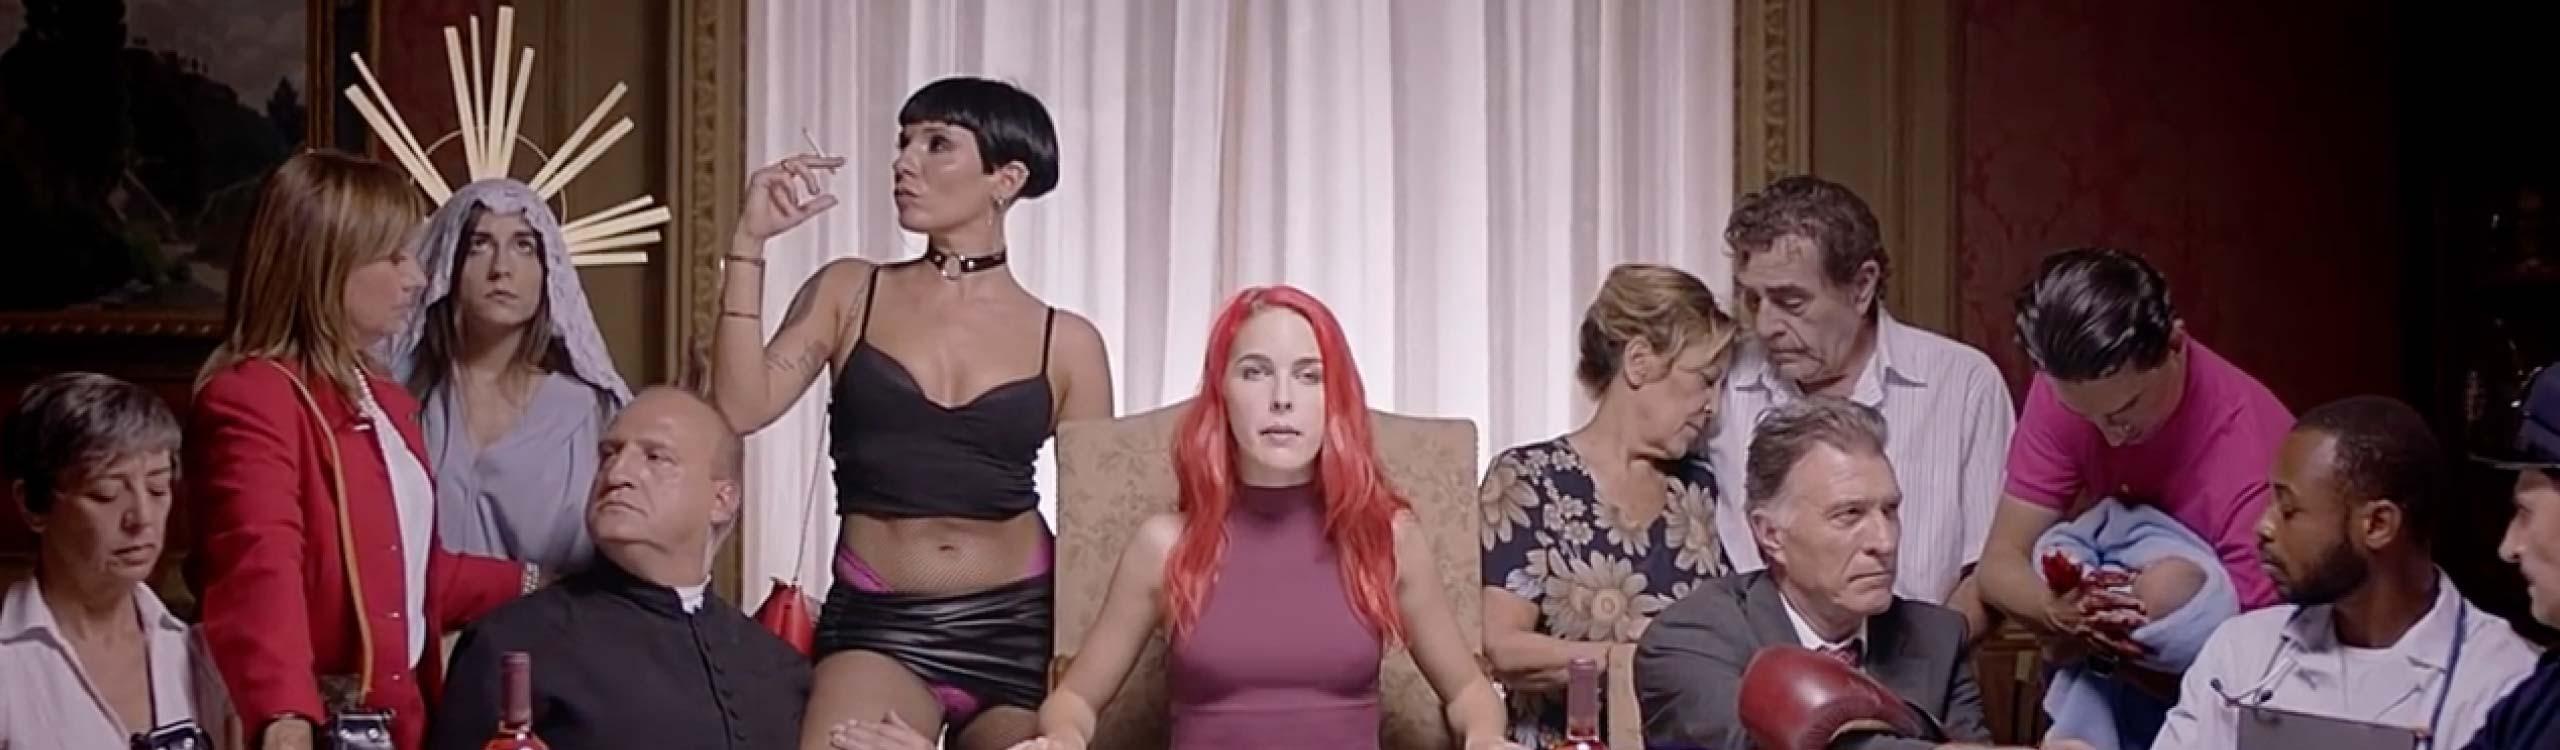 salon-erotico-de-barcelona-apricots-mis-gafas-de-pasta-destacado